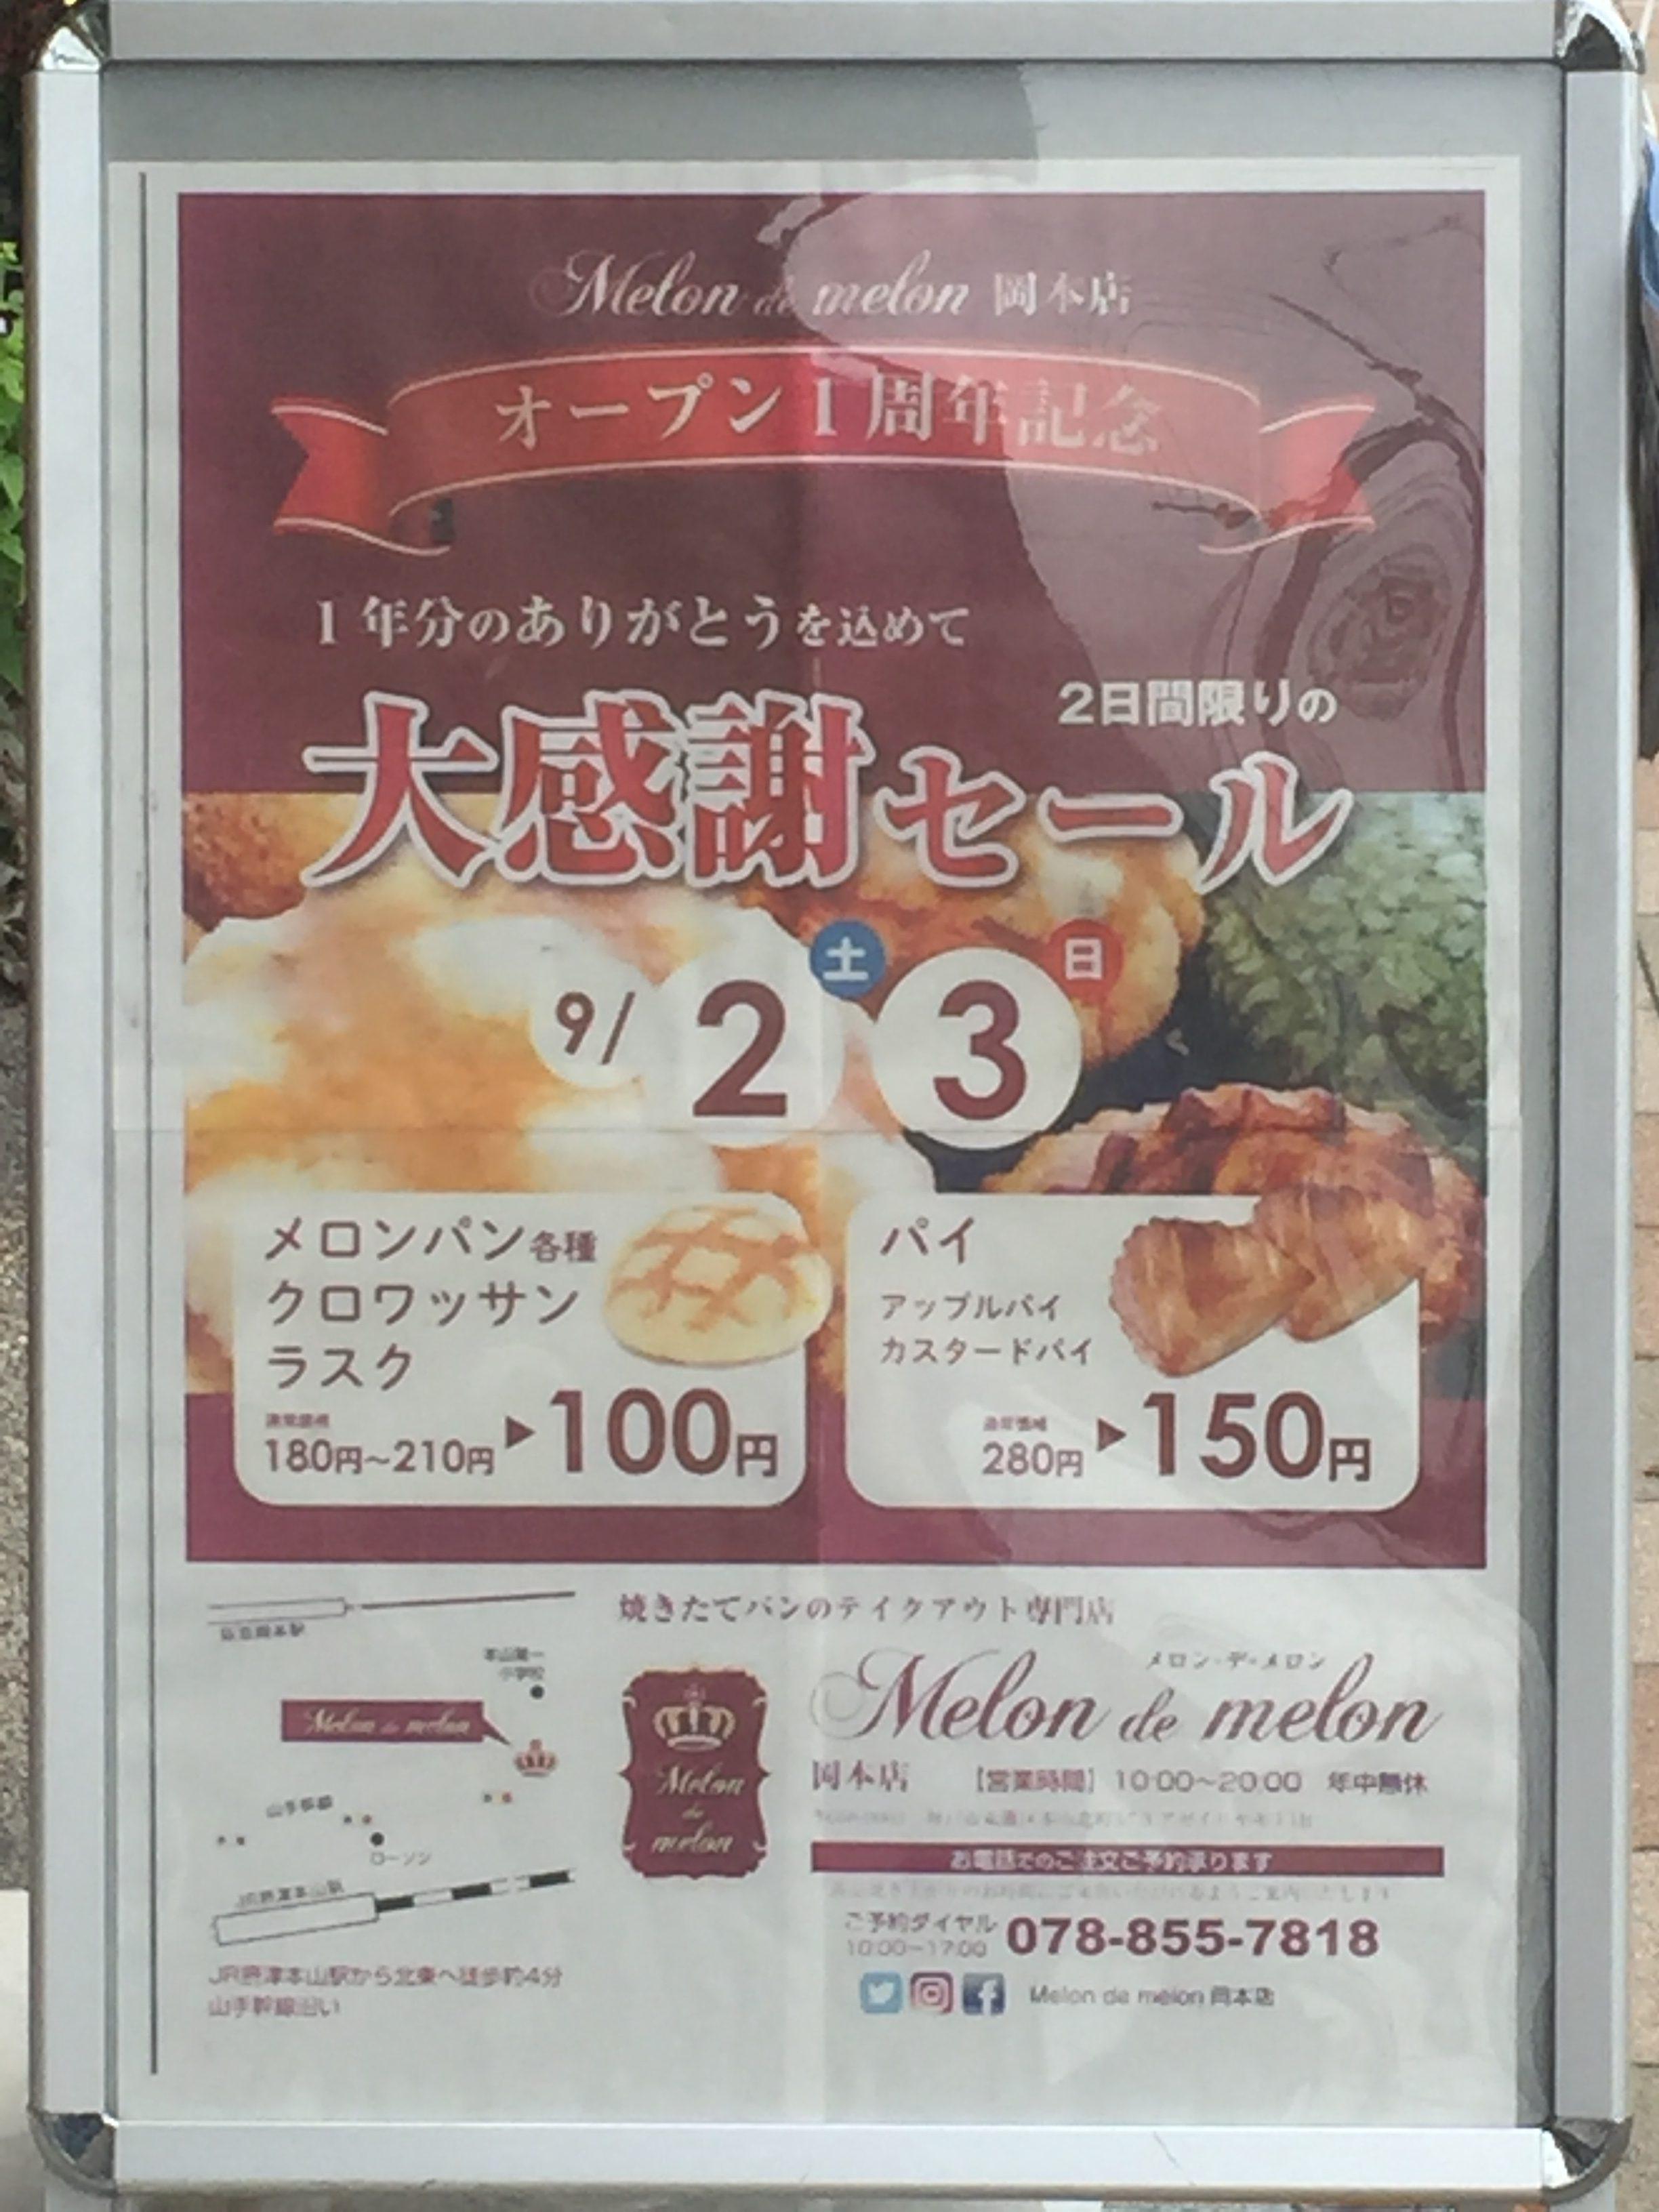 メロンパン専門店「Melon de melon 岡本店」で9/2と9/3に「オープン1周年記念セール」が開催されるよ! #メロンパン #阪急岡本